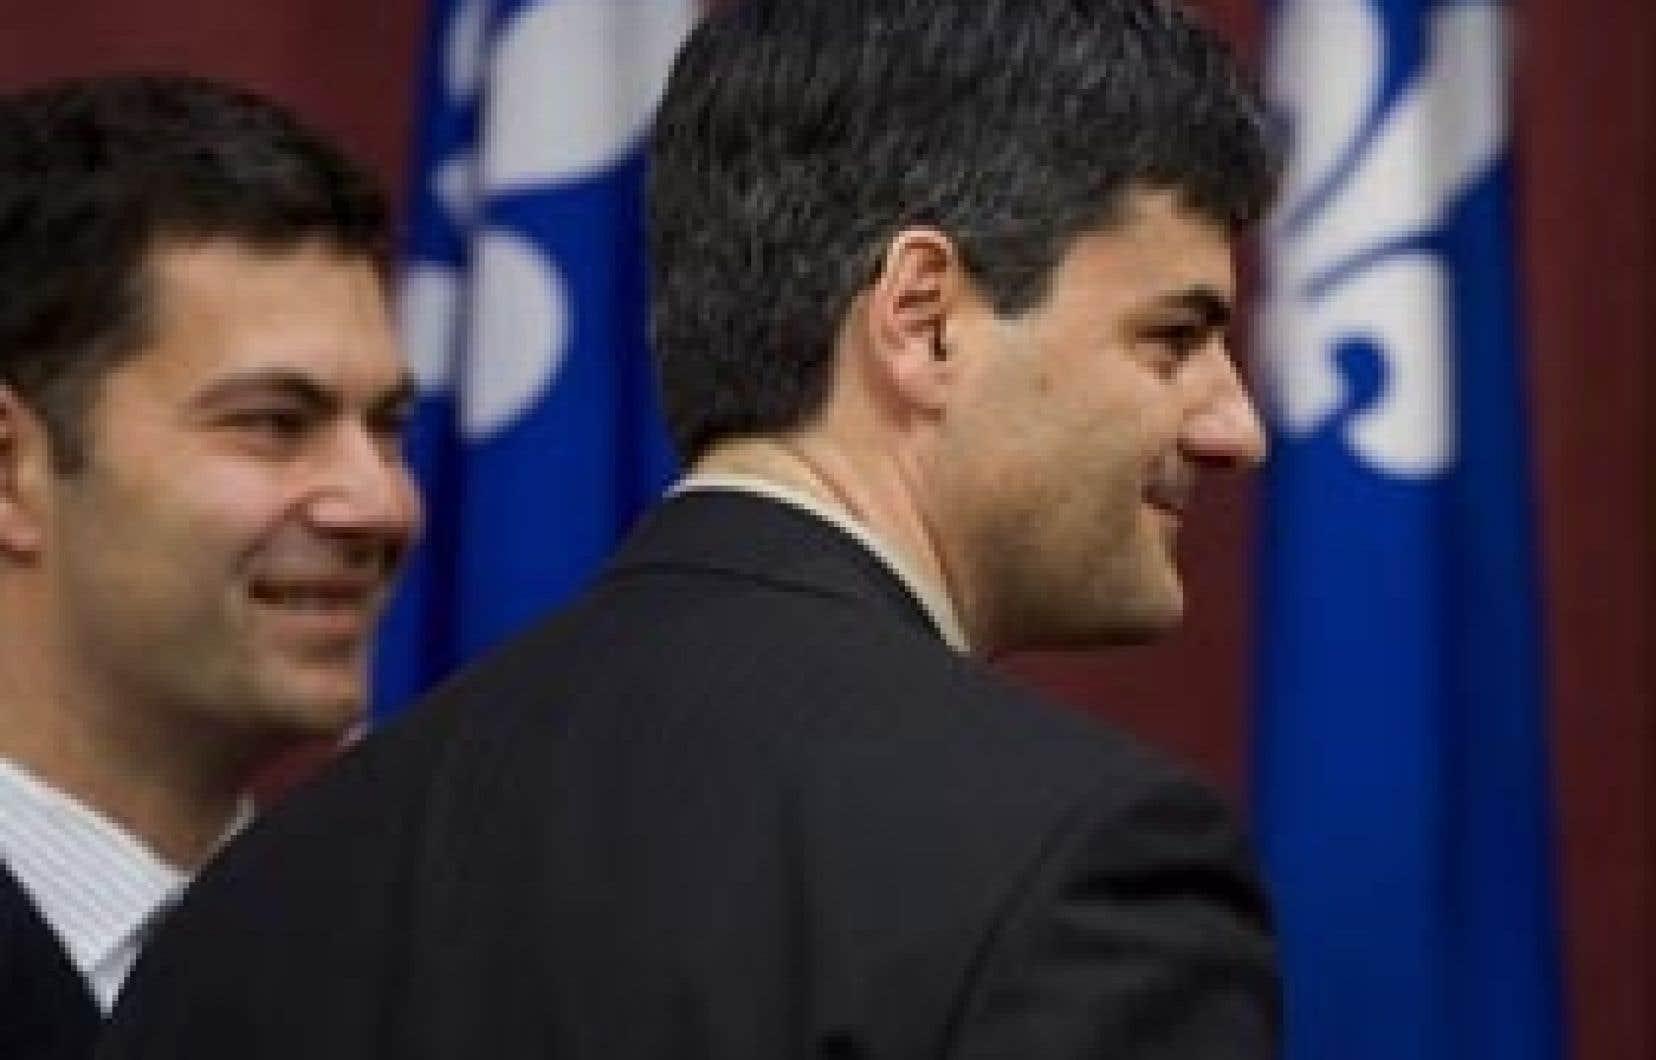 Éric Caire en compagnie de Mario Dumont, en 2007. L'influence de l'ancien chef est très présente dans le projet politique soumis hier par le candidat à la chefferie.